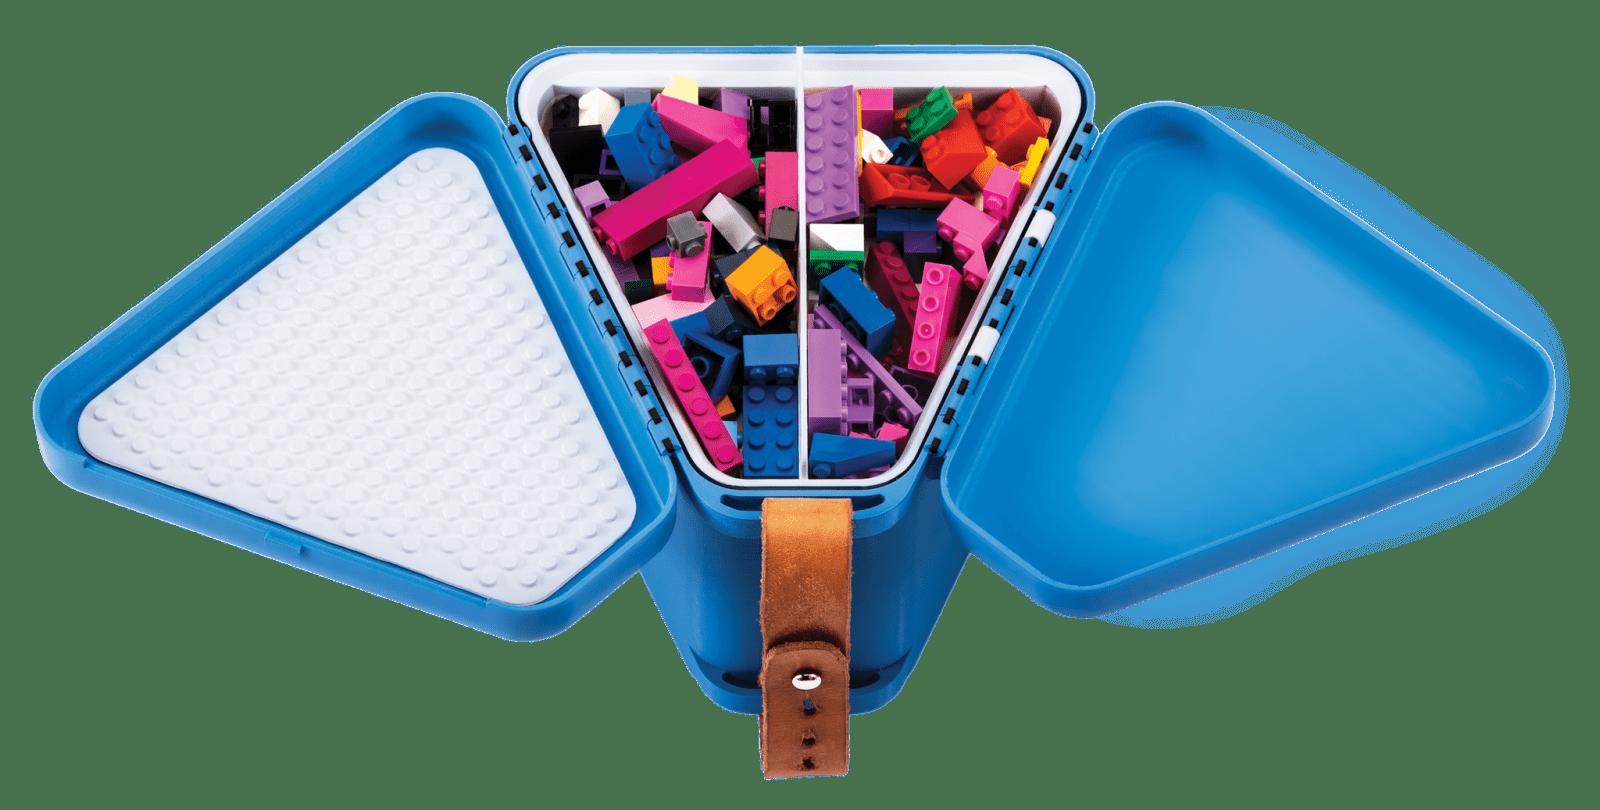 NEW Teebee Teebee Toy Box Blue